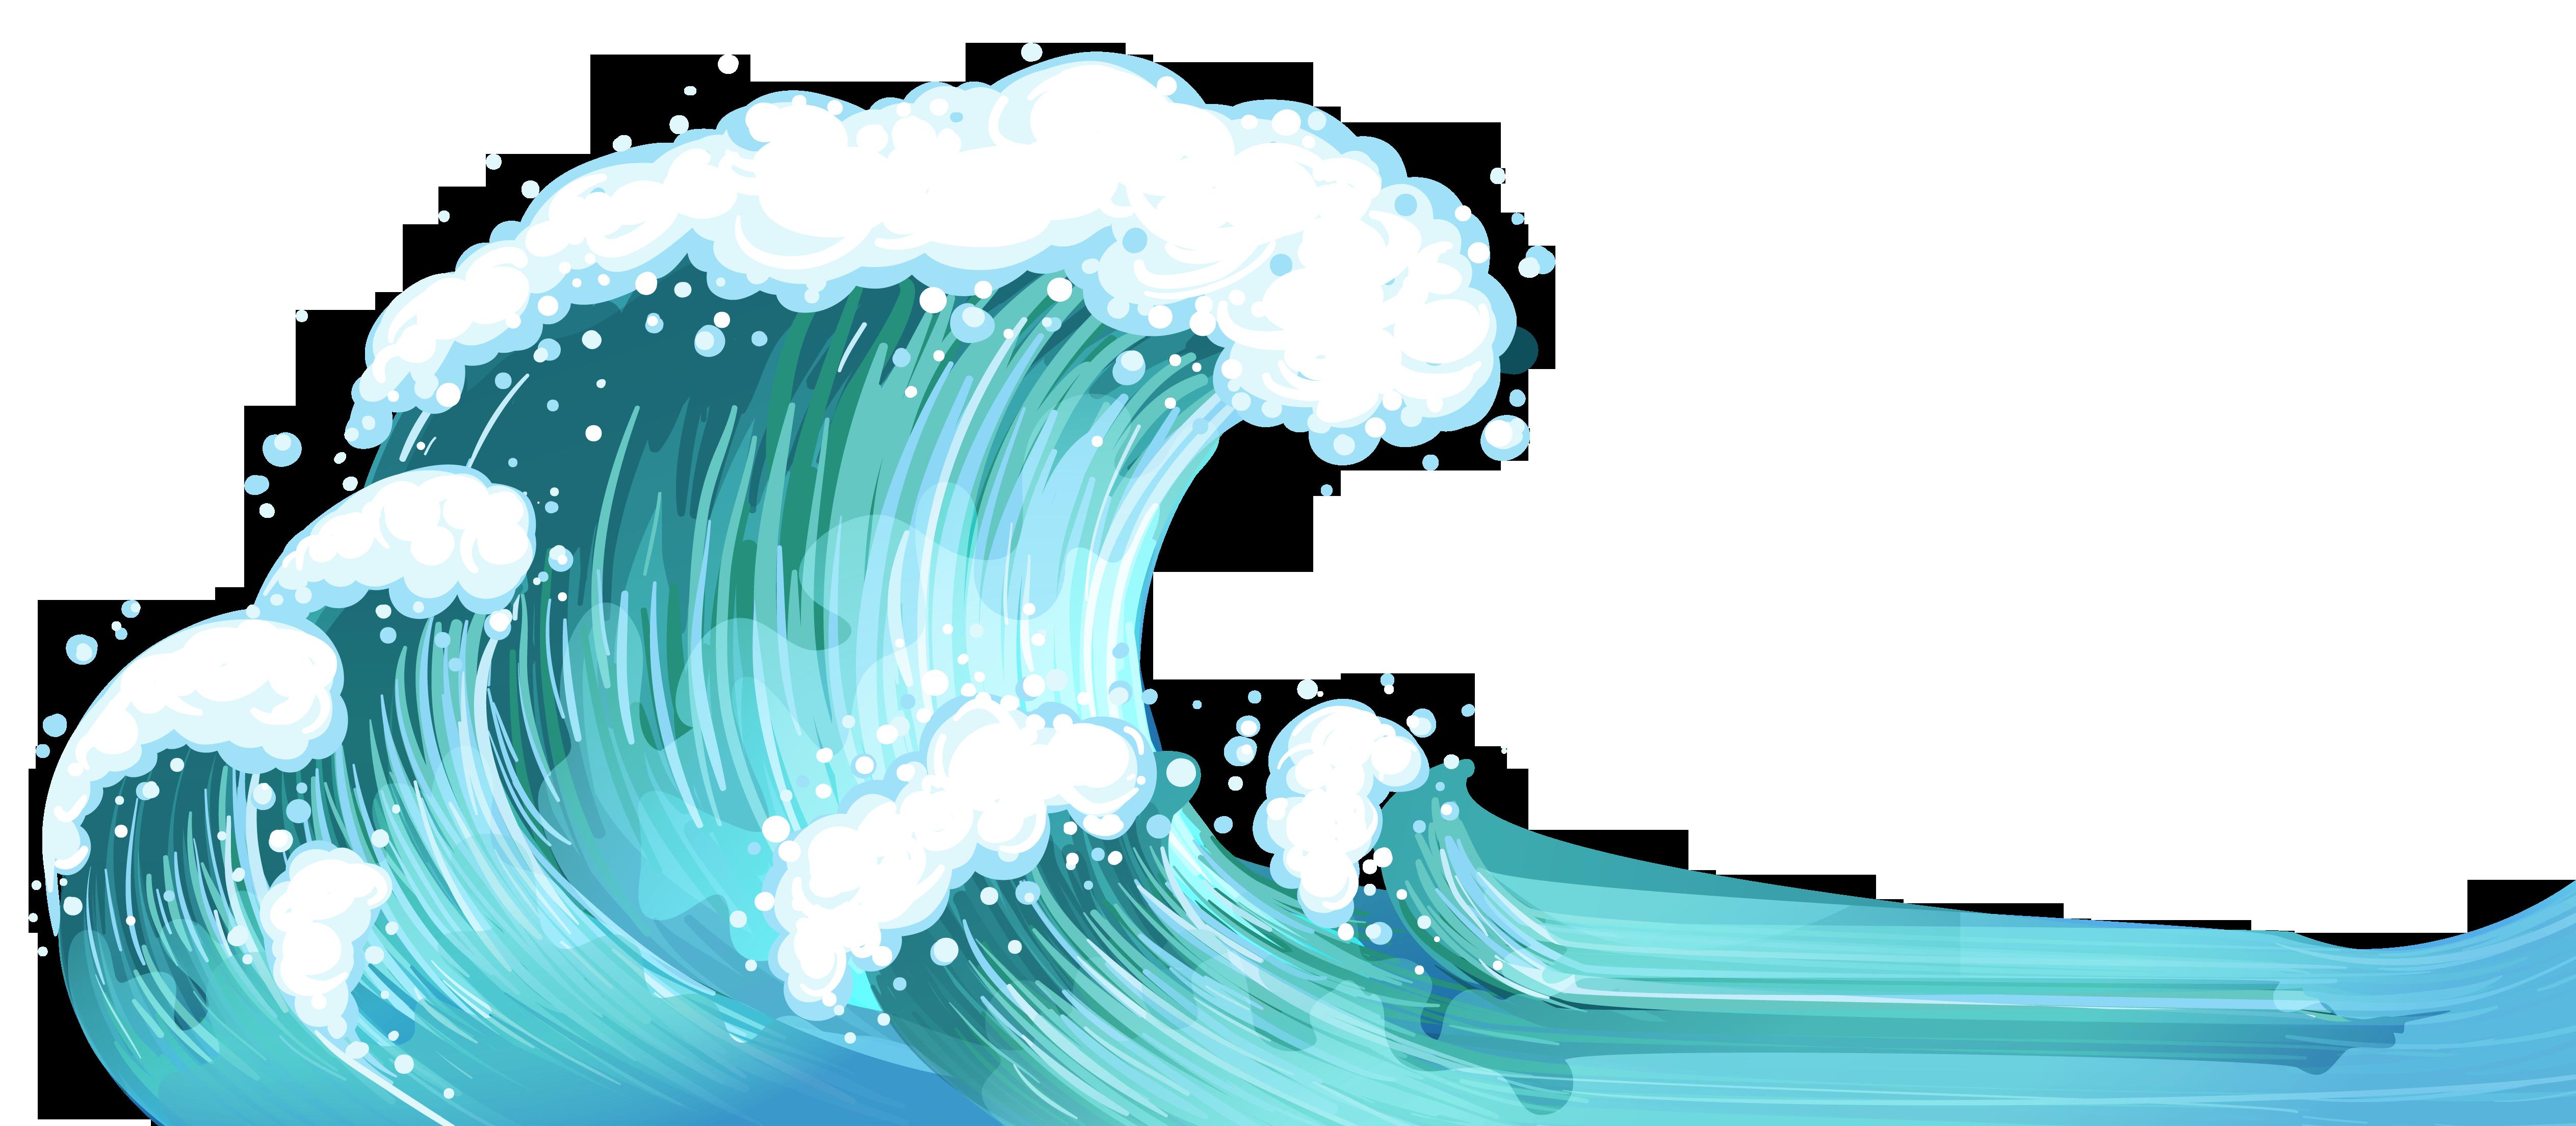 ocean waves clip art simple.